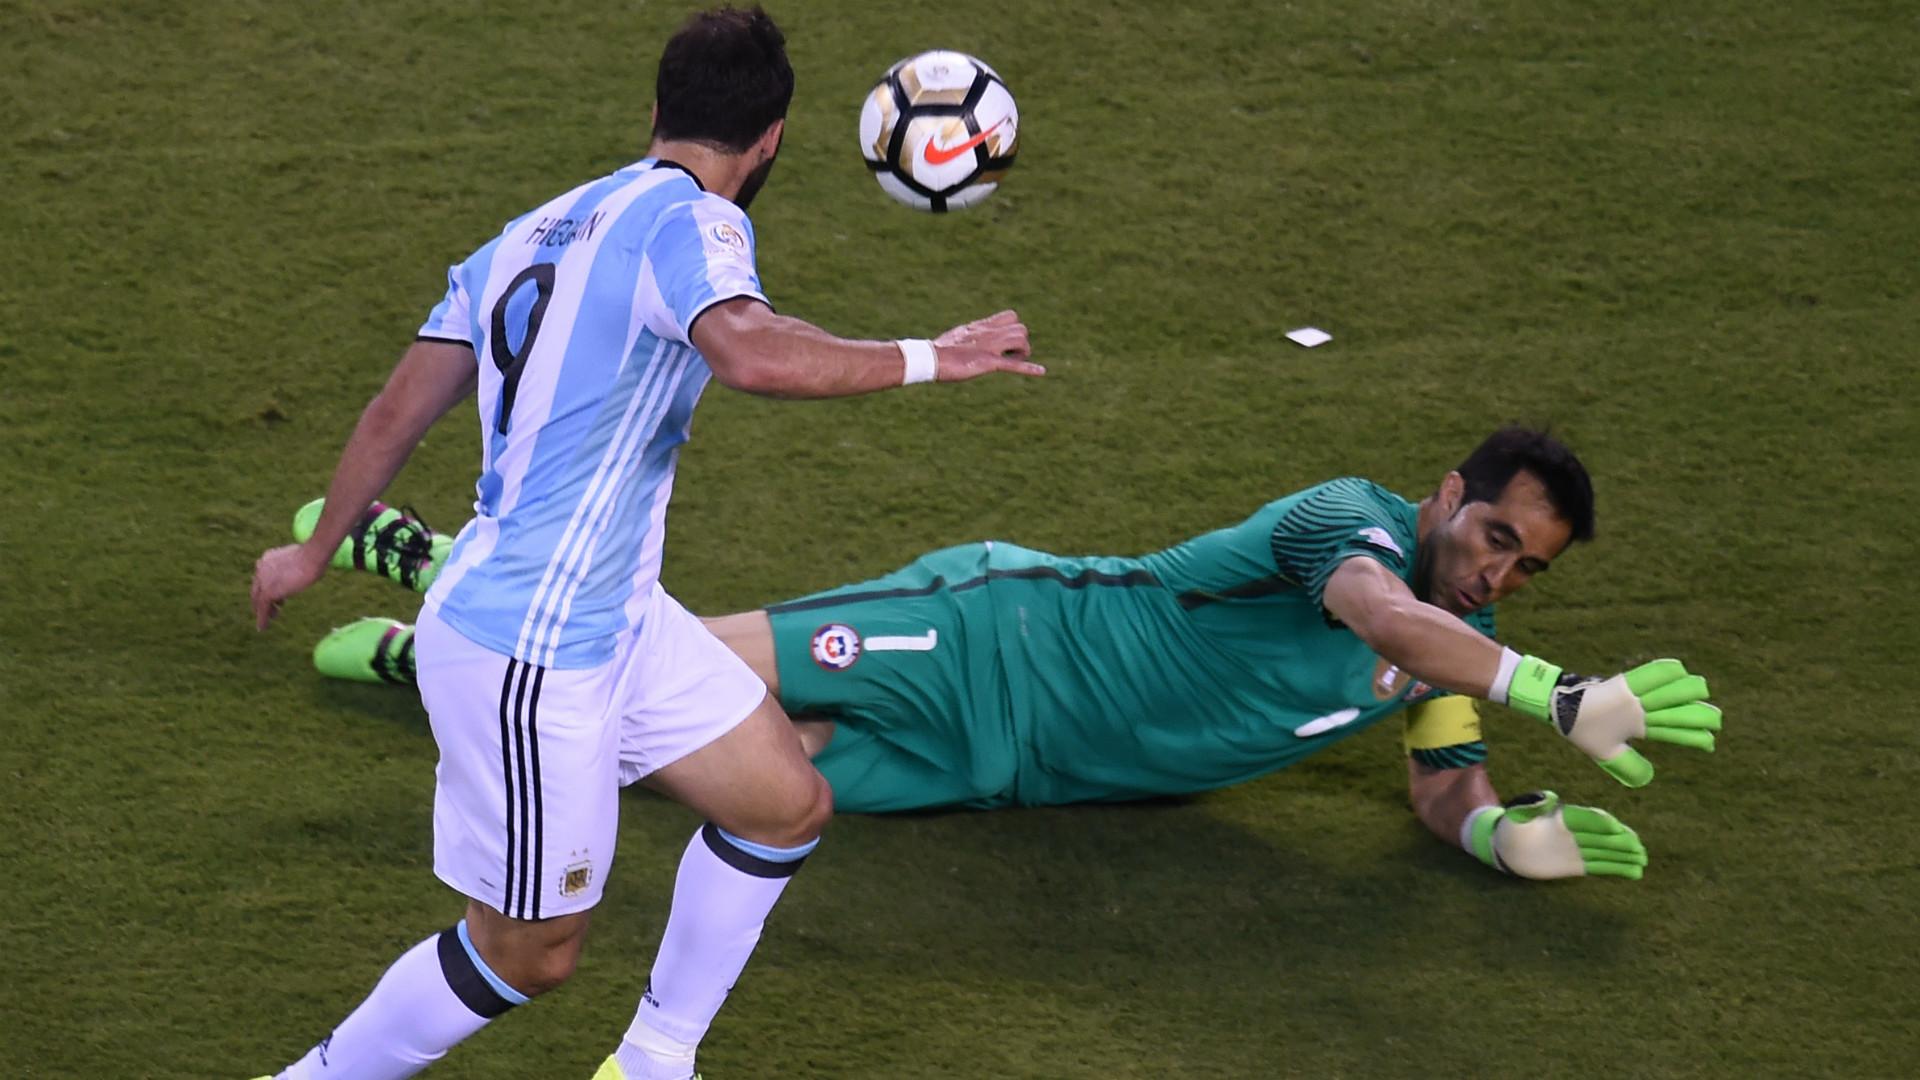 Gonzalo Higuain Claudio Bravo Argentina Chile Final Copa America Centenario 26062016